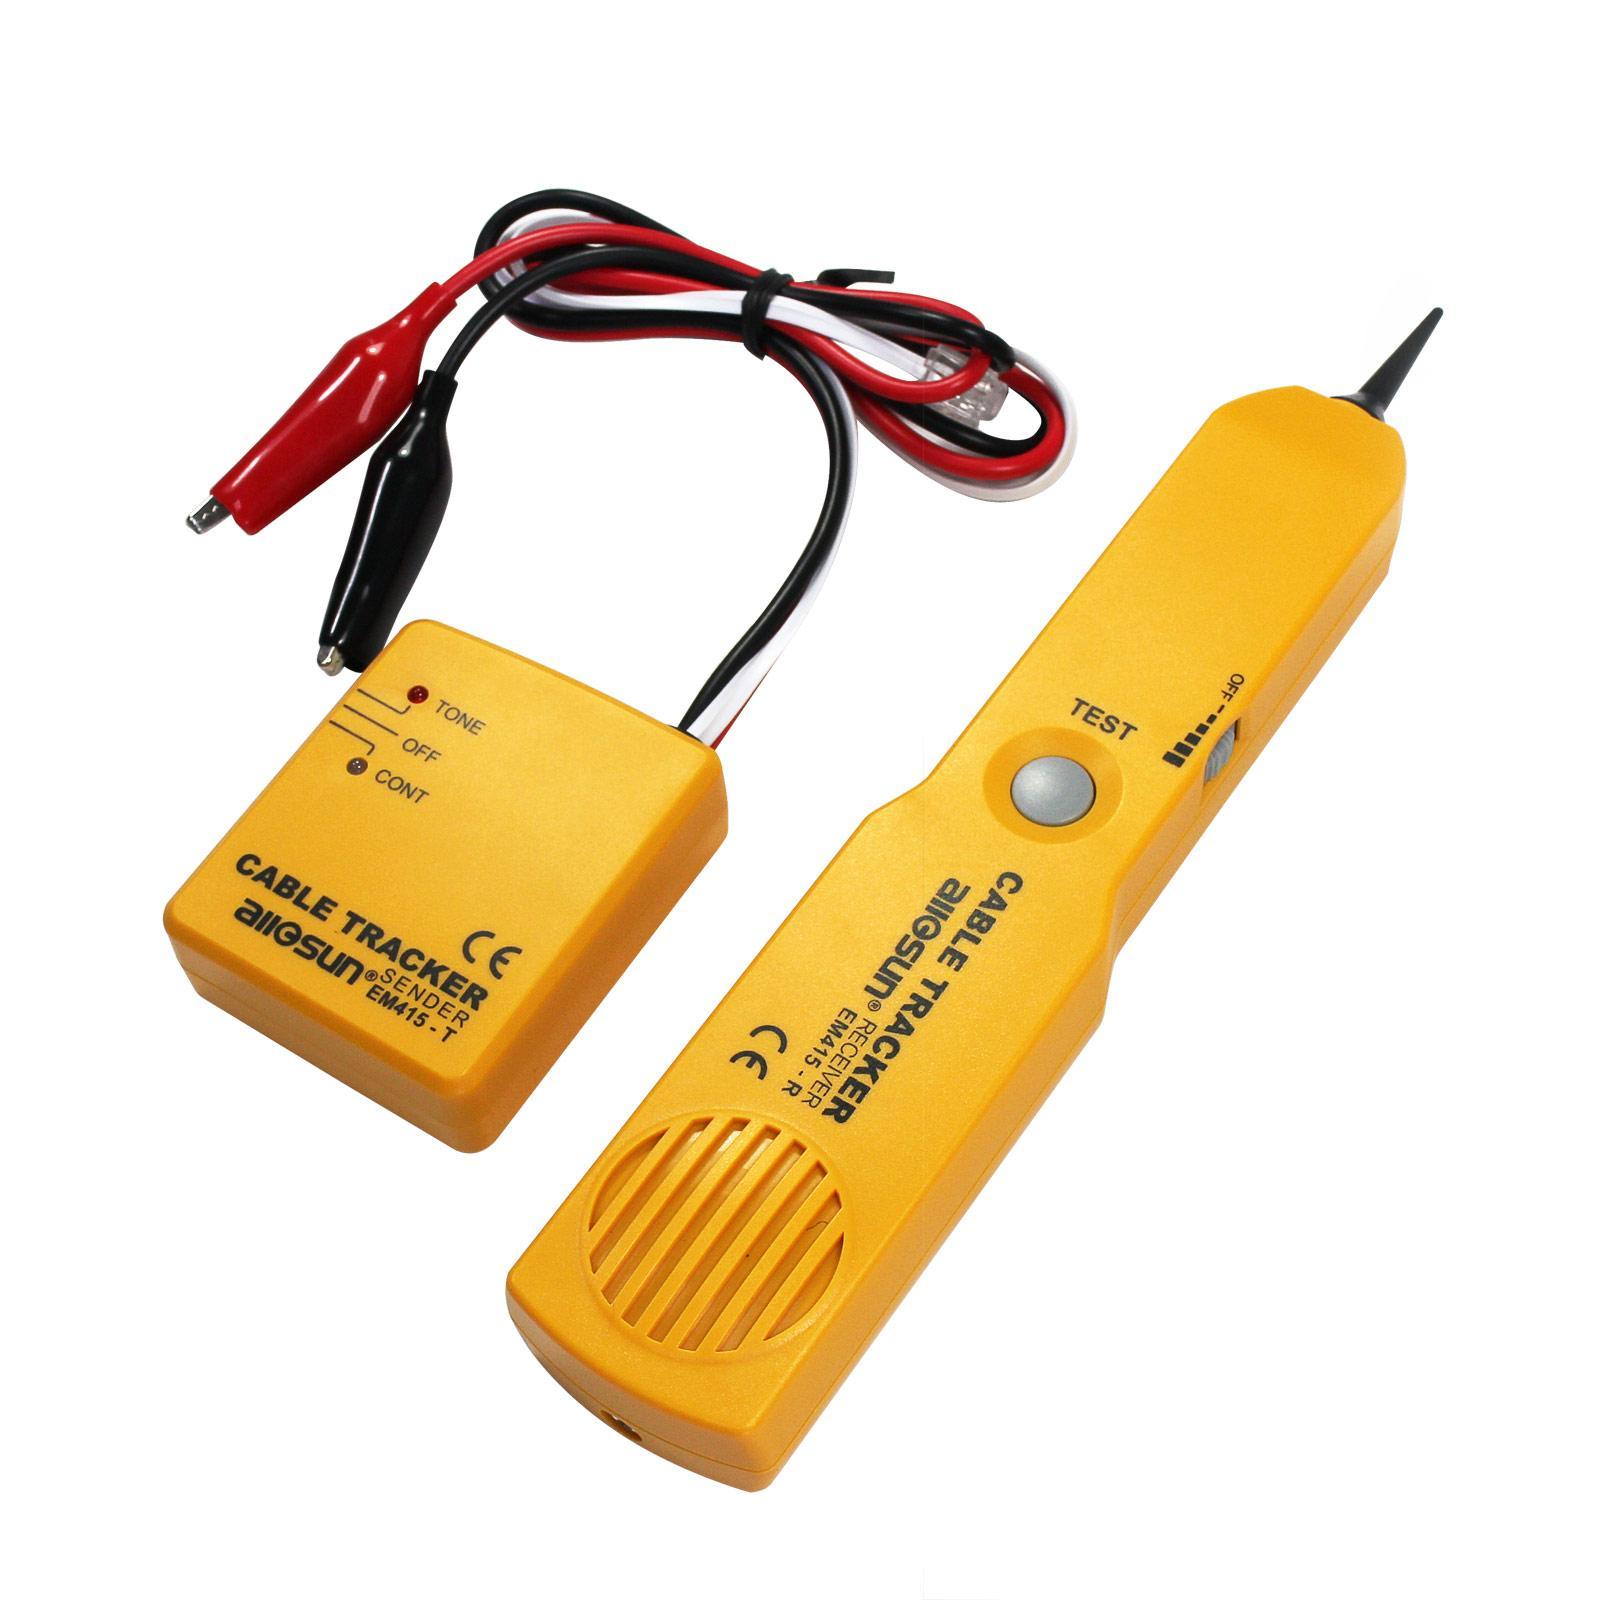 휴대용 네트워크 케이블 추적기 와이어 회로 Openshort 테스터 케이블 테스터 전화 케이블 추적기 자동차 와이어 추적기 모든-일 모델 EM415